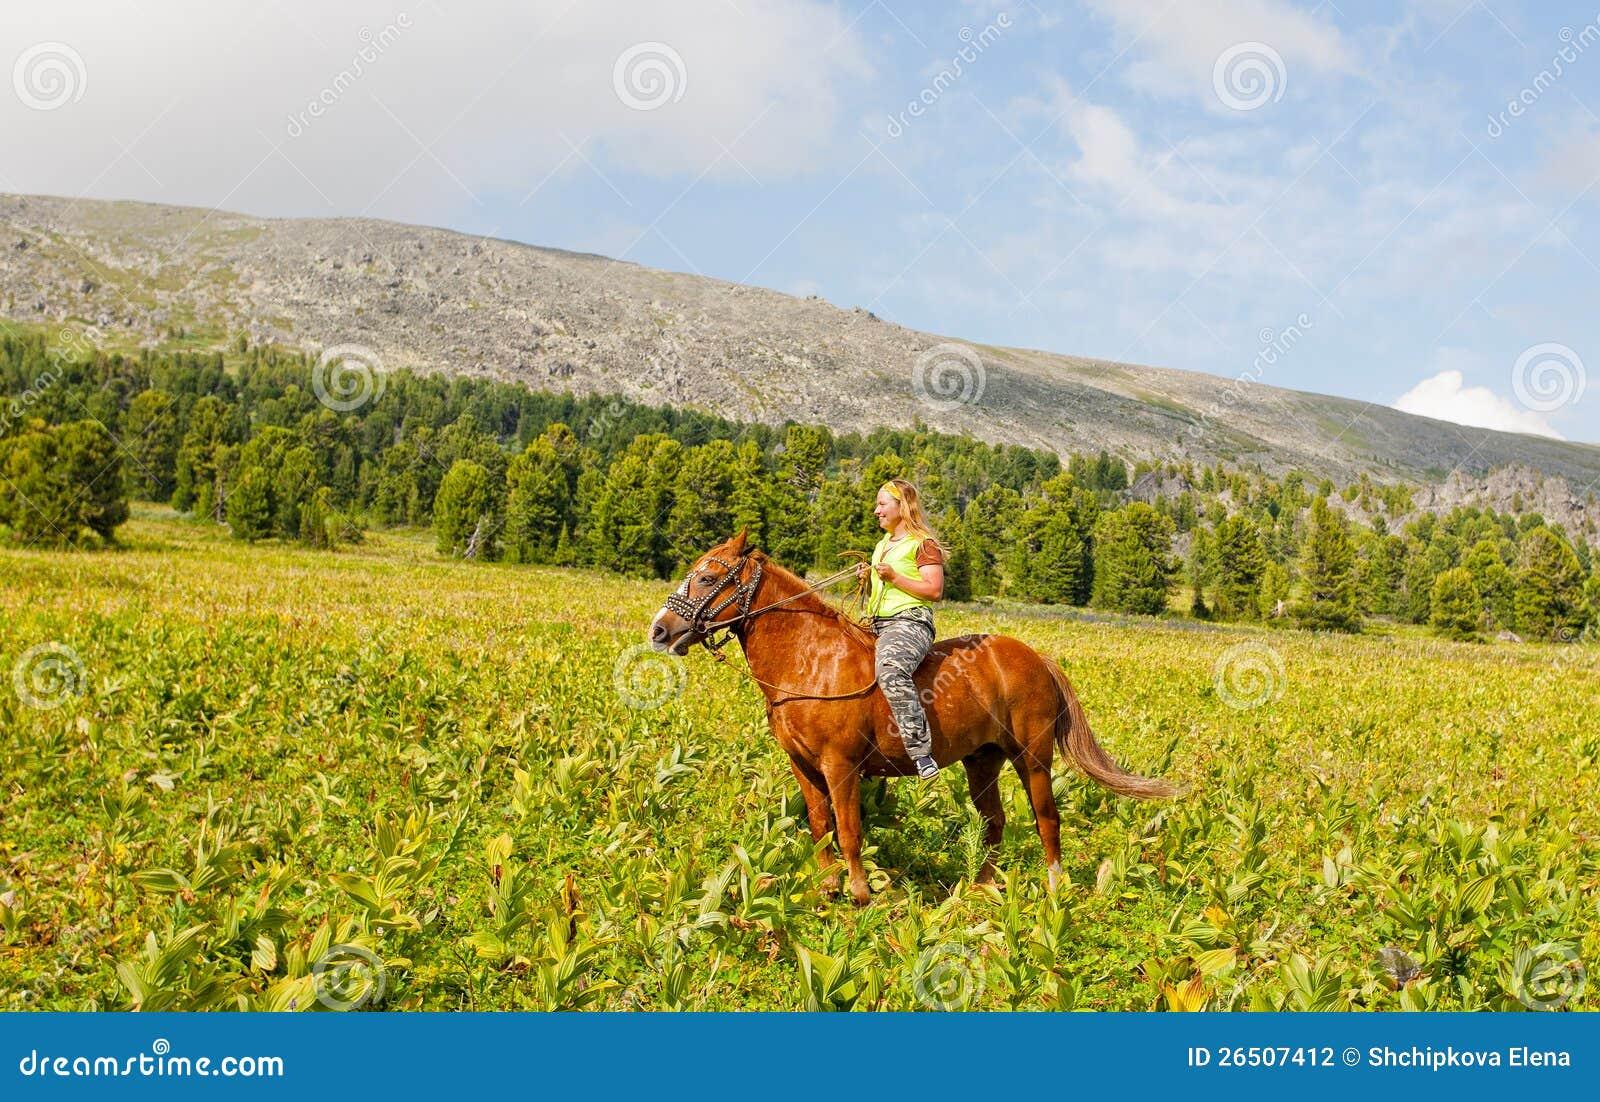 Menina feliz que monta um cavalo